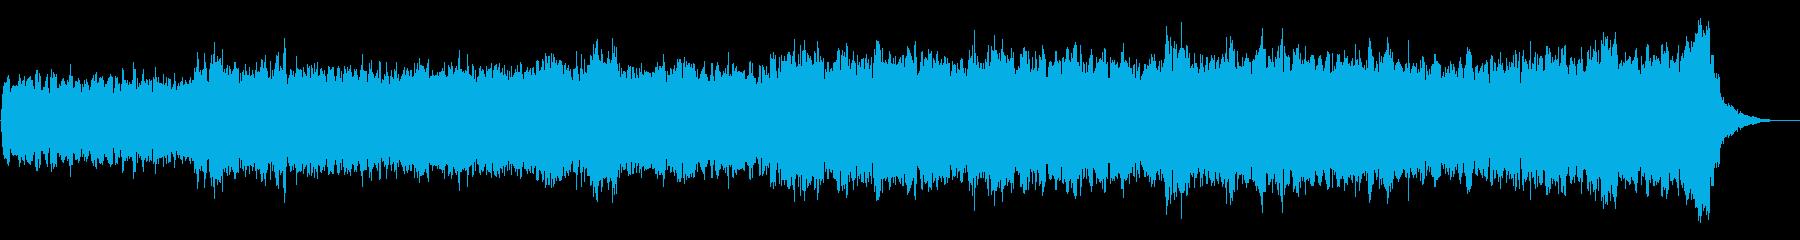 バッハ風4声のパイプオルガンオリジナルの再生済みの波形